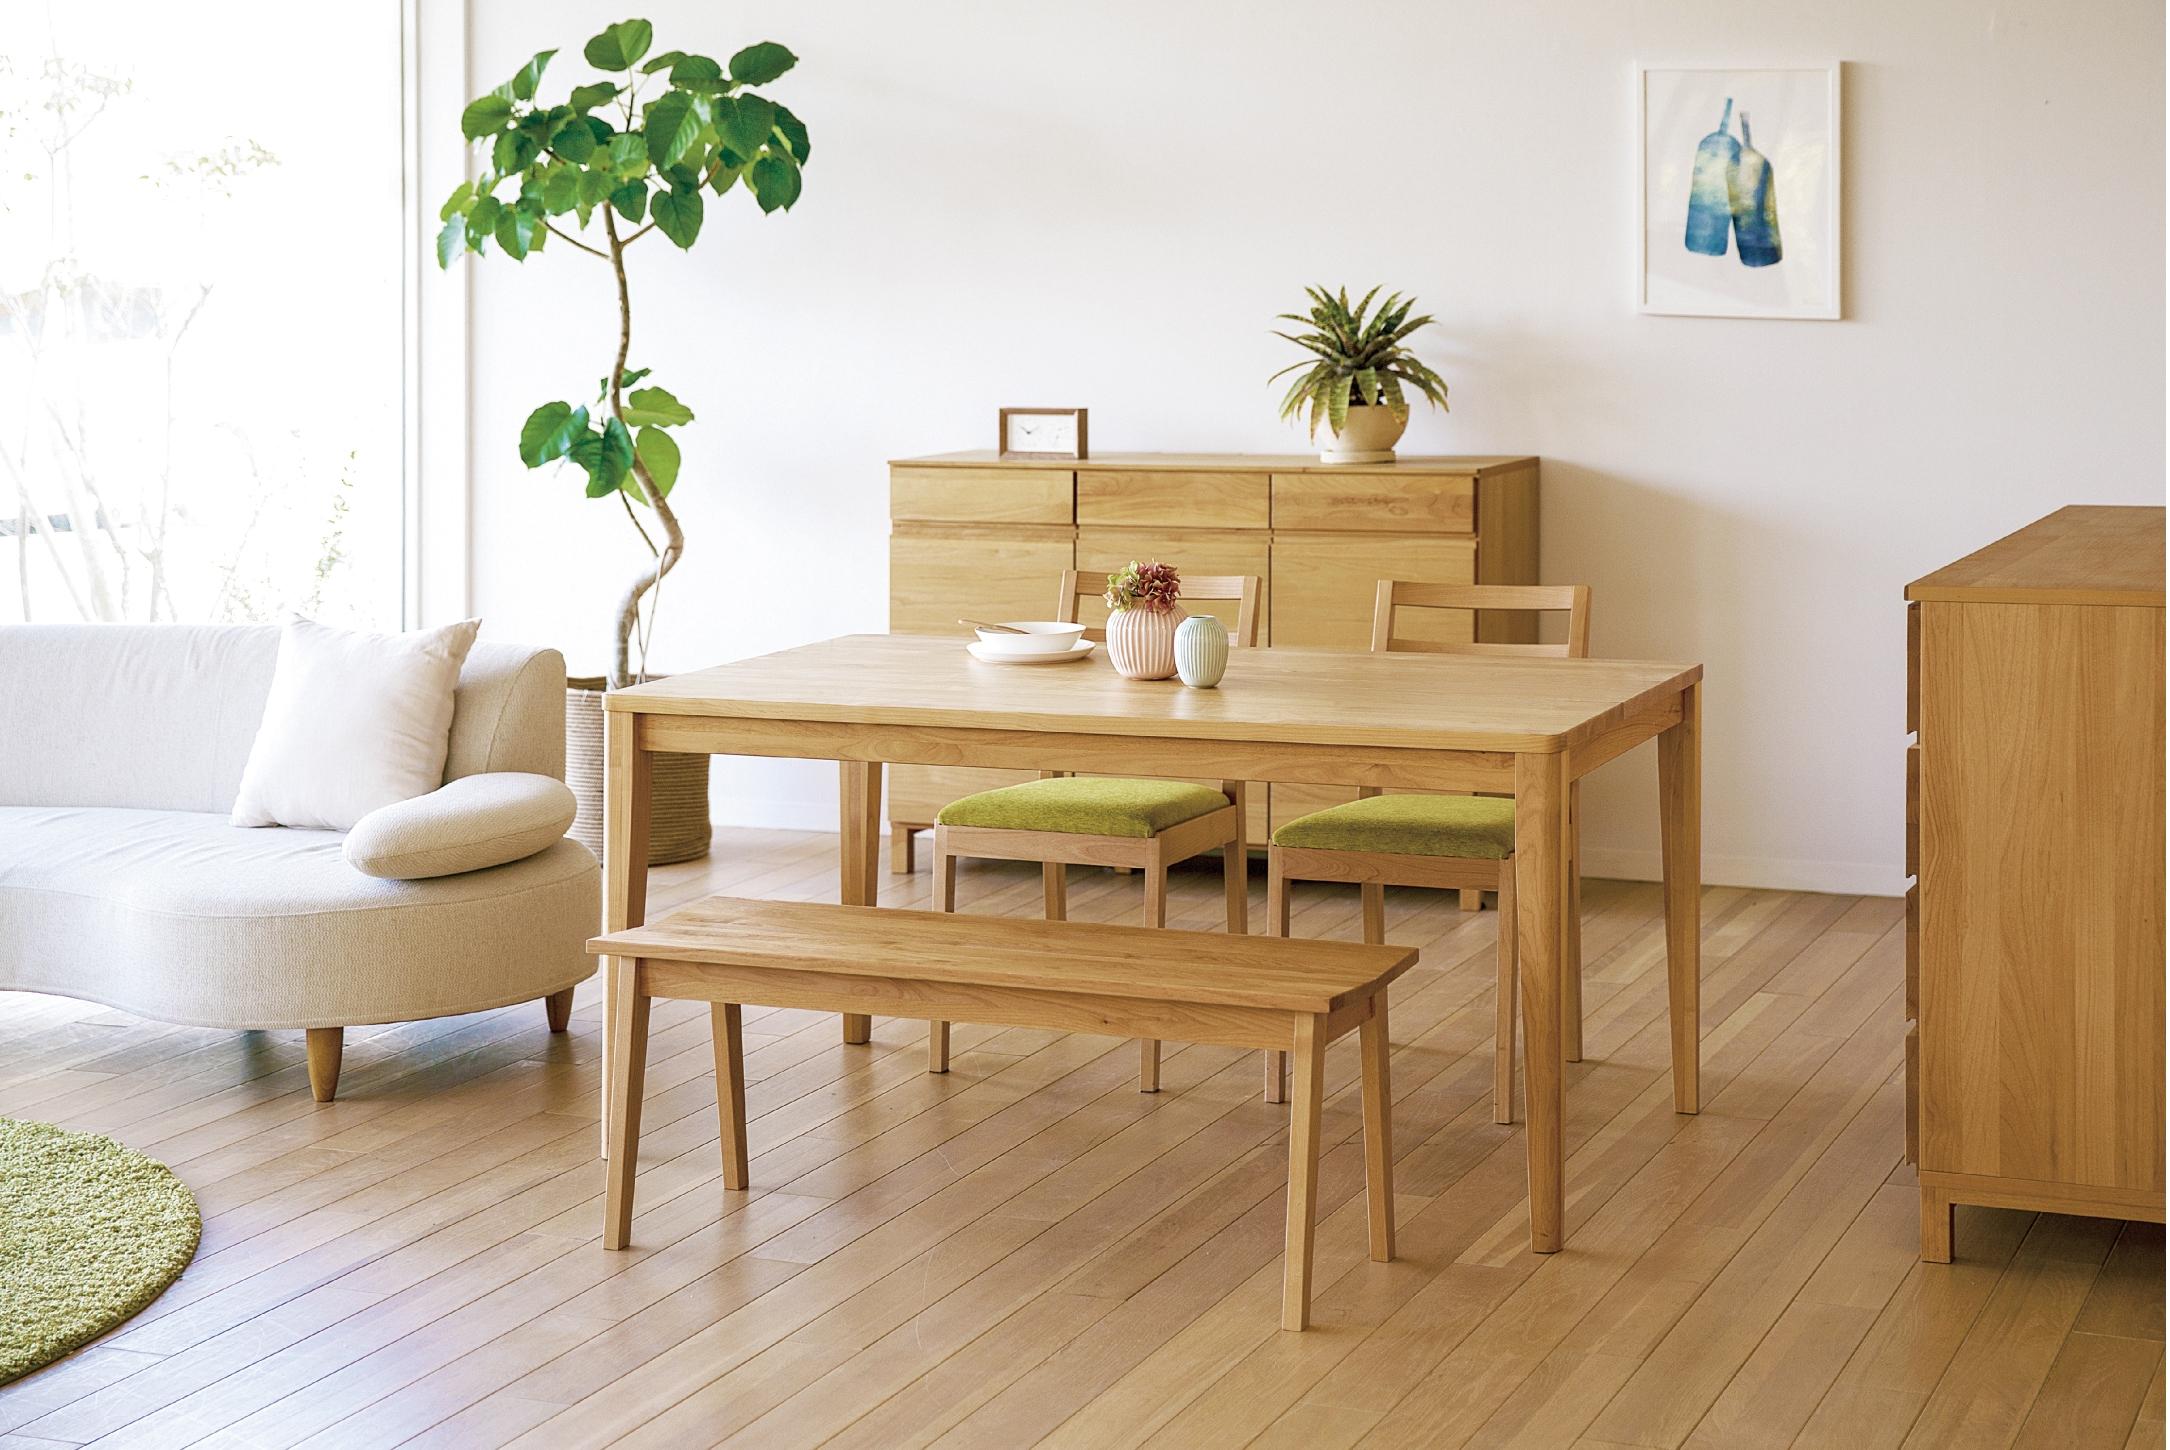 アルダーのダイニングテーブル